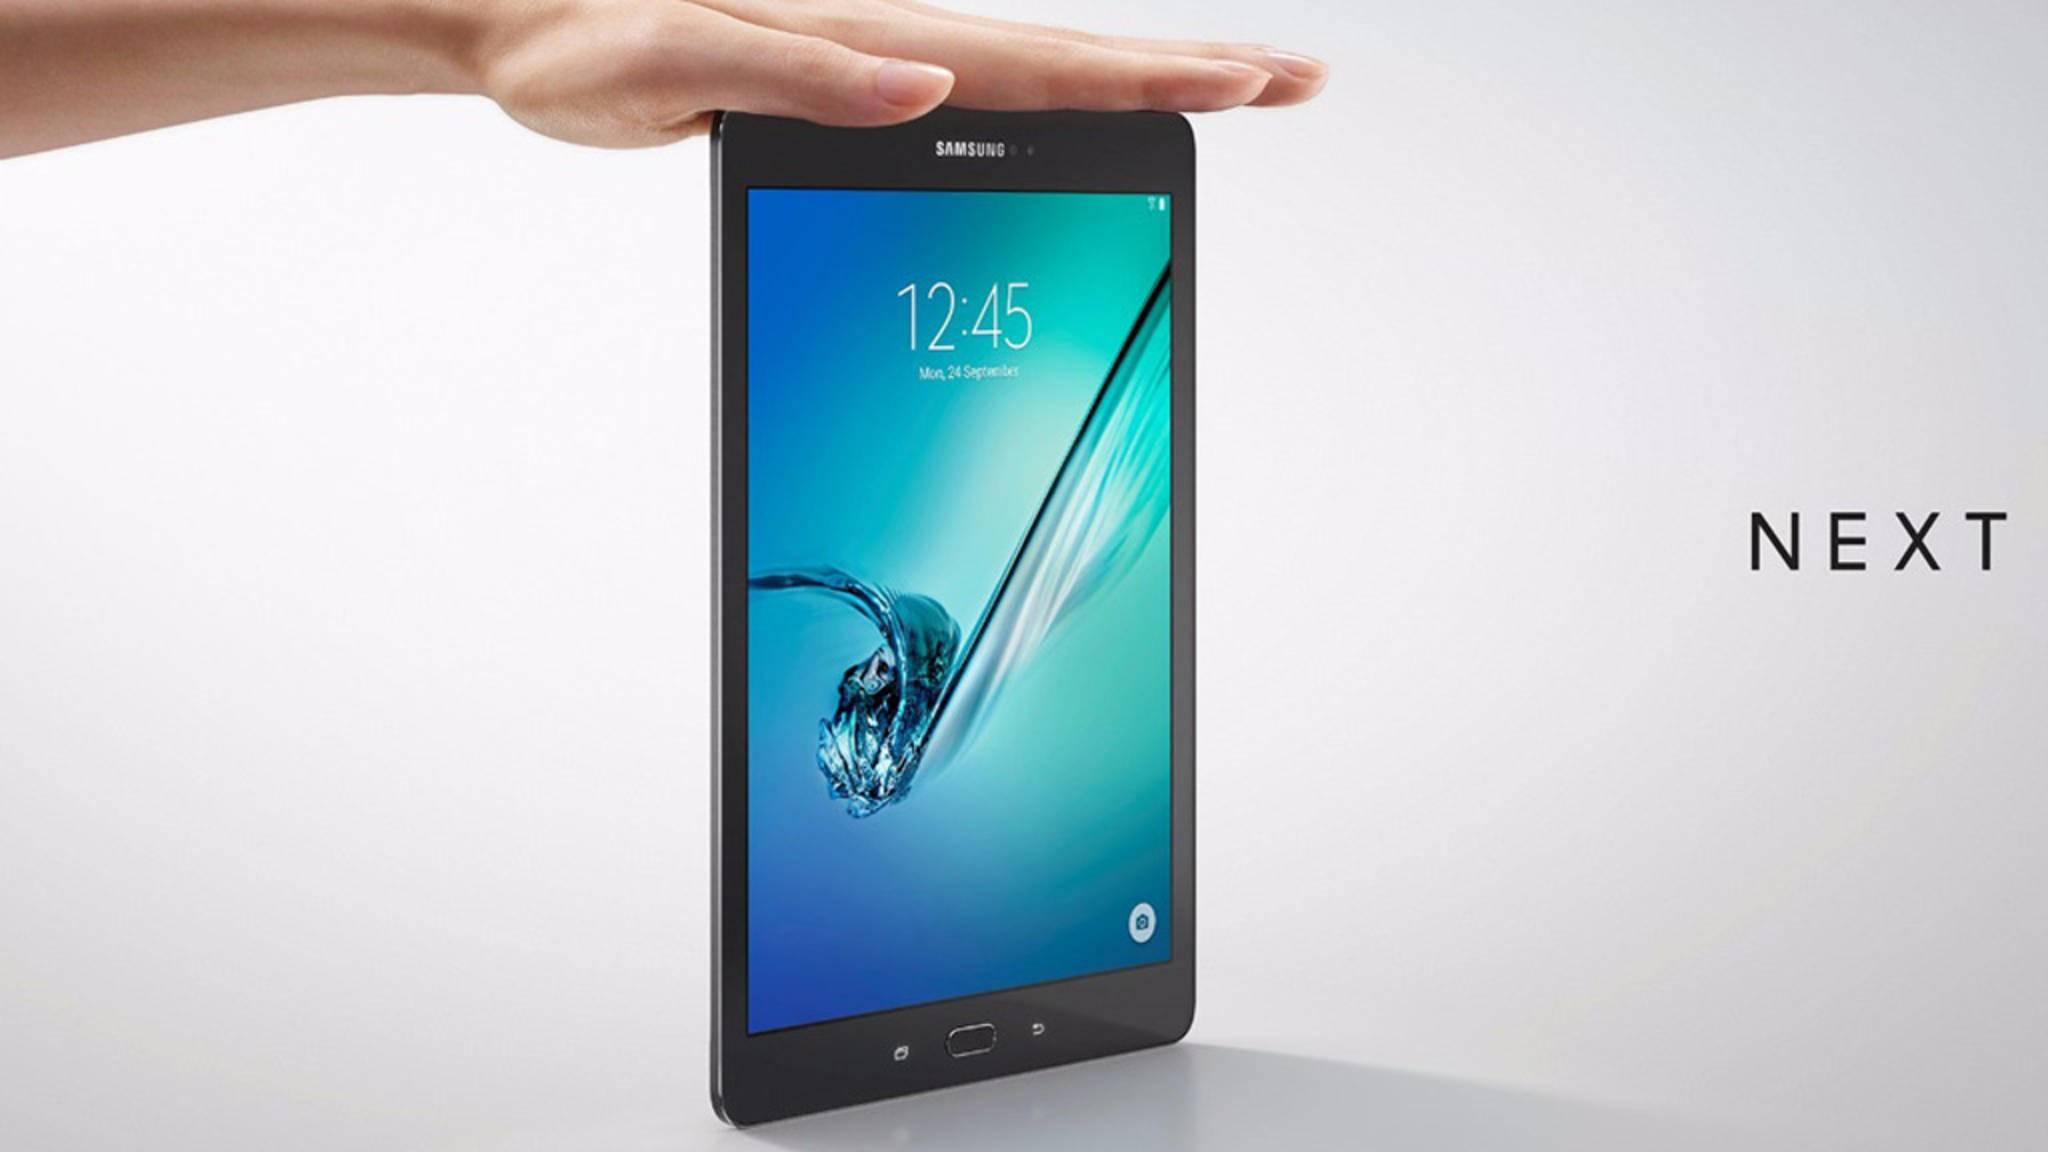 Gehört zu einer bedrohten Art: das Samsung Galaxy Tab S2.